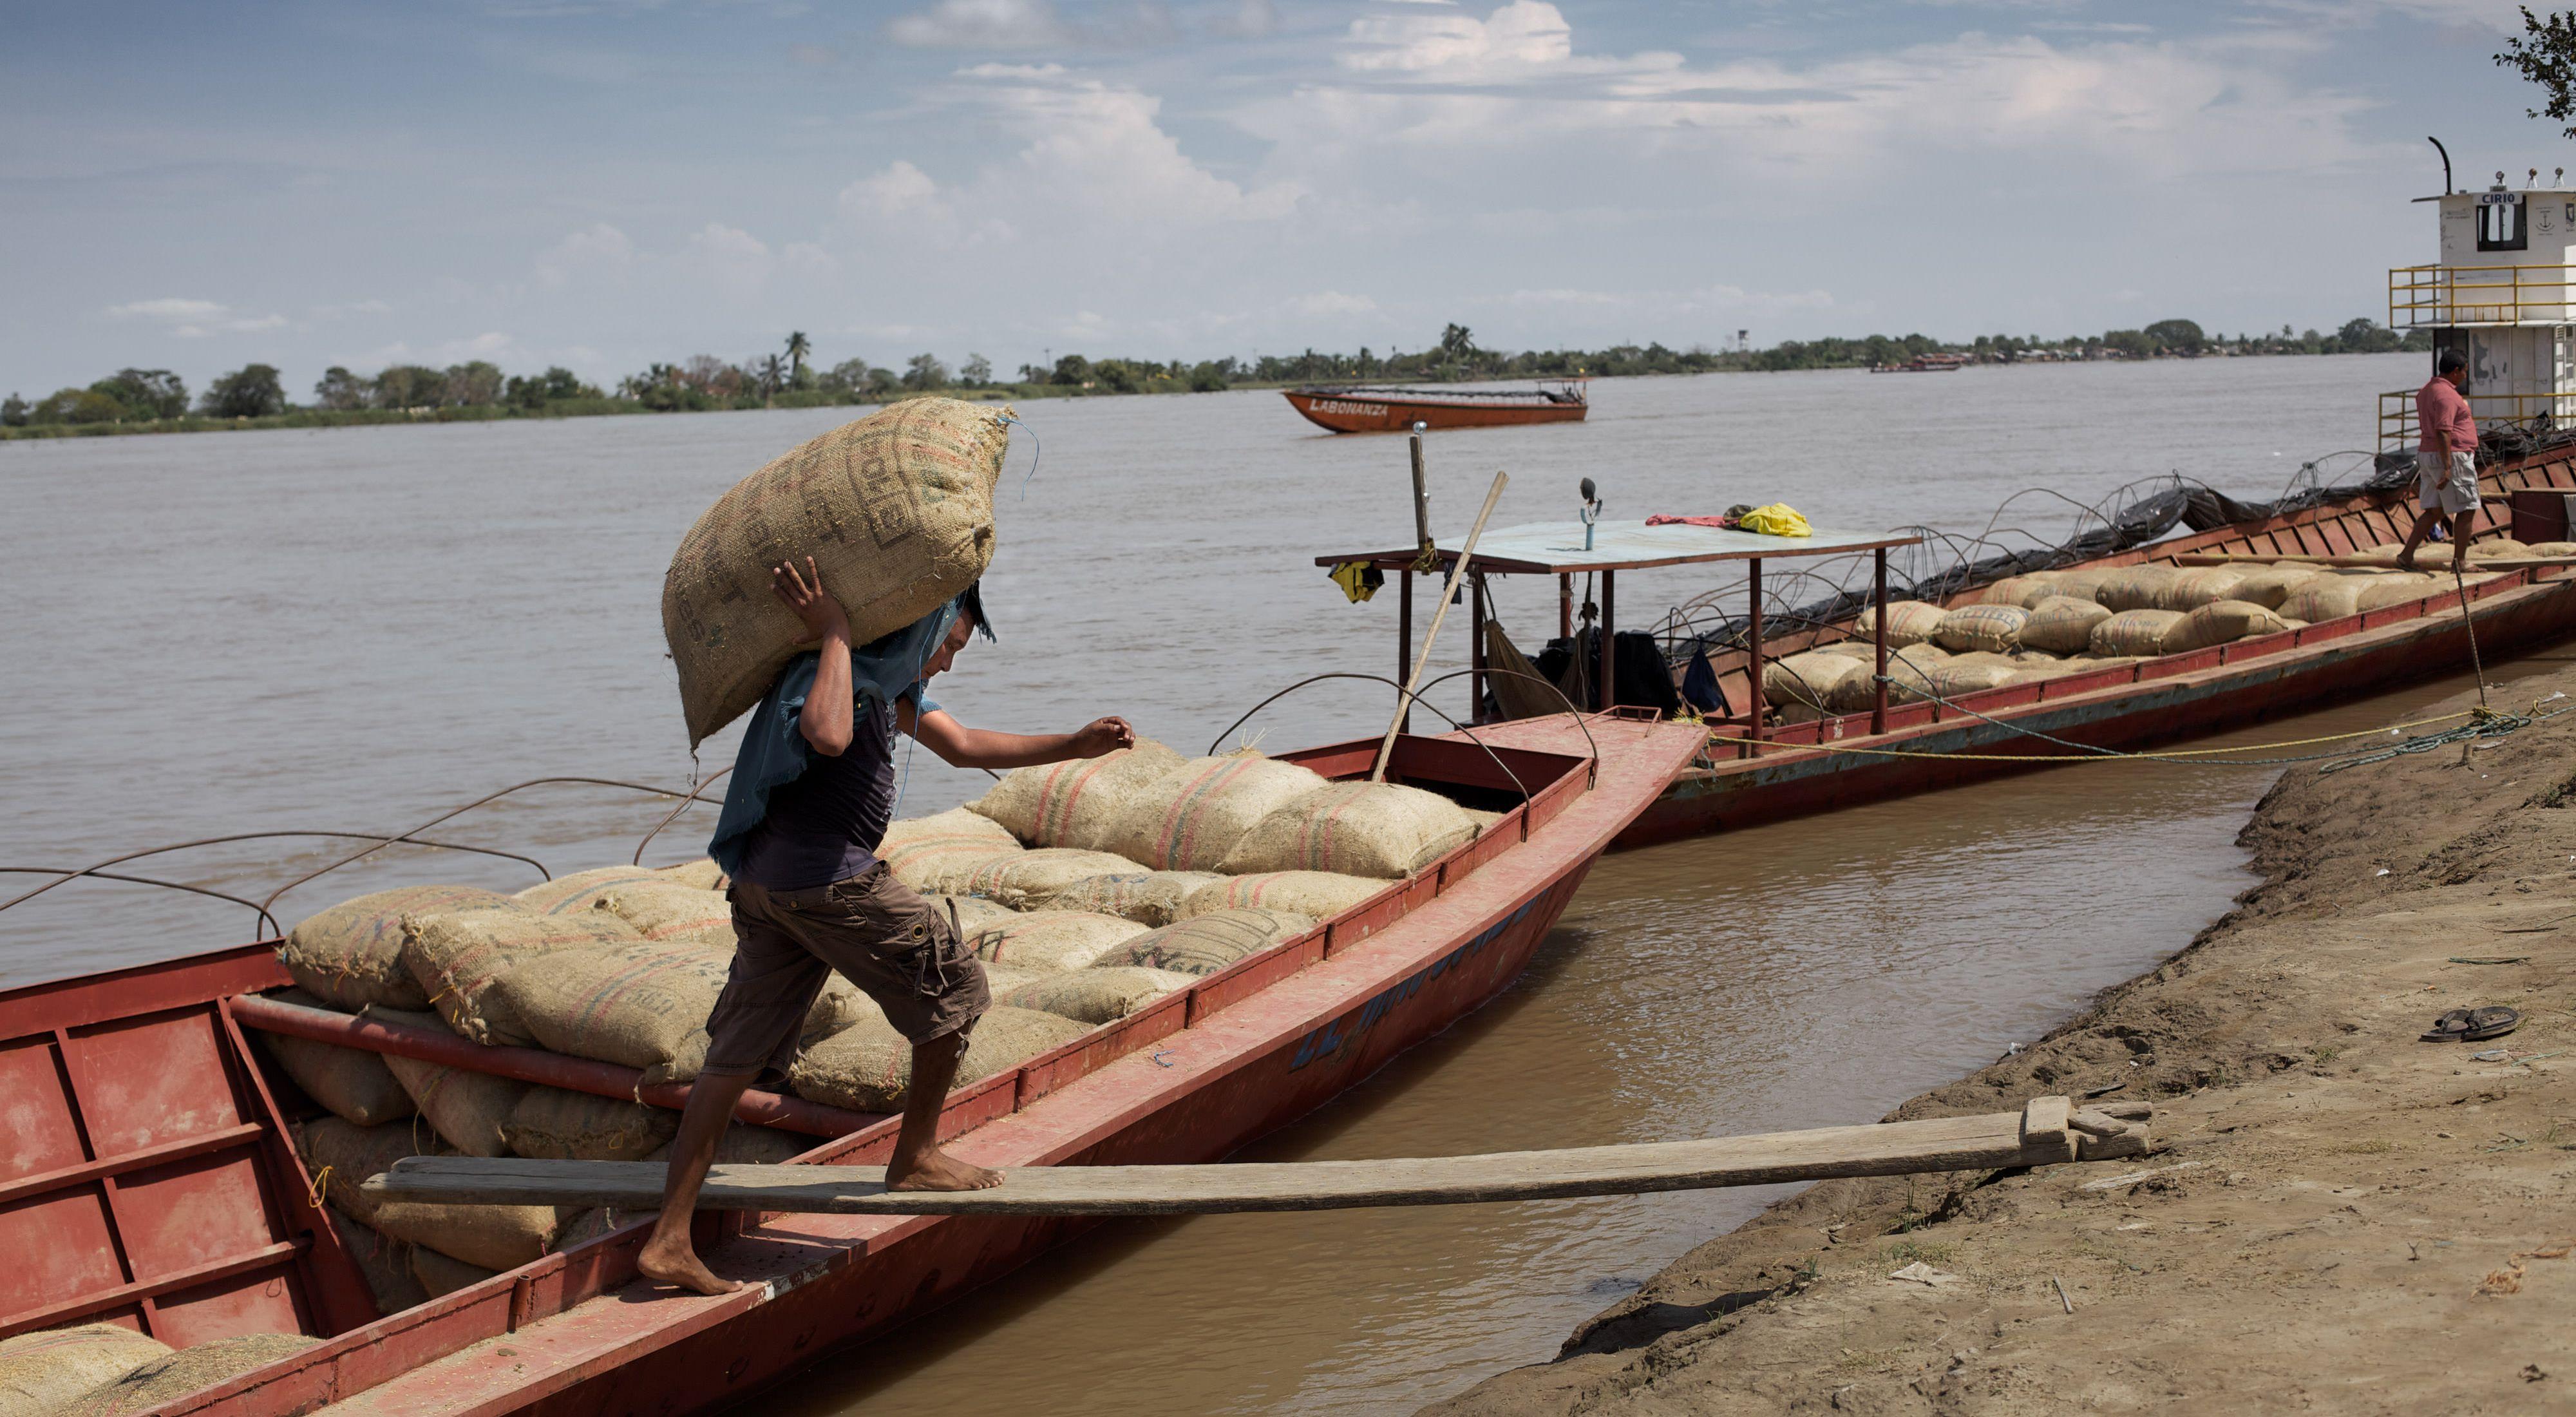 Un hombre descarga mercancías desde su bote en el río Magdalena en Colombia.